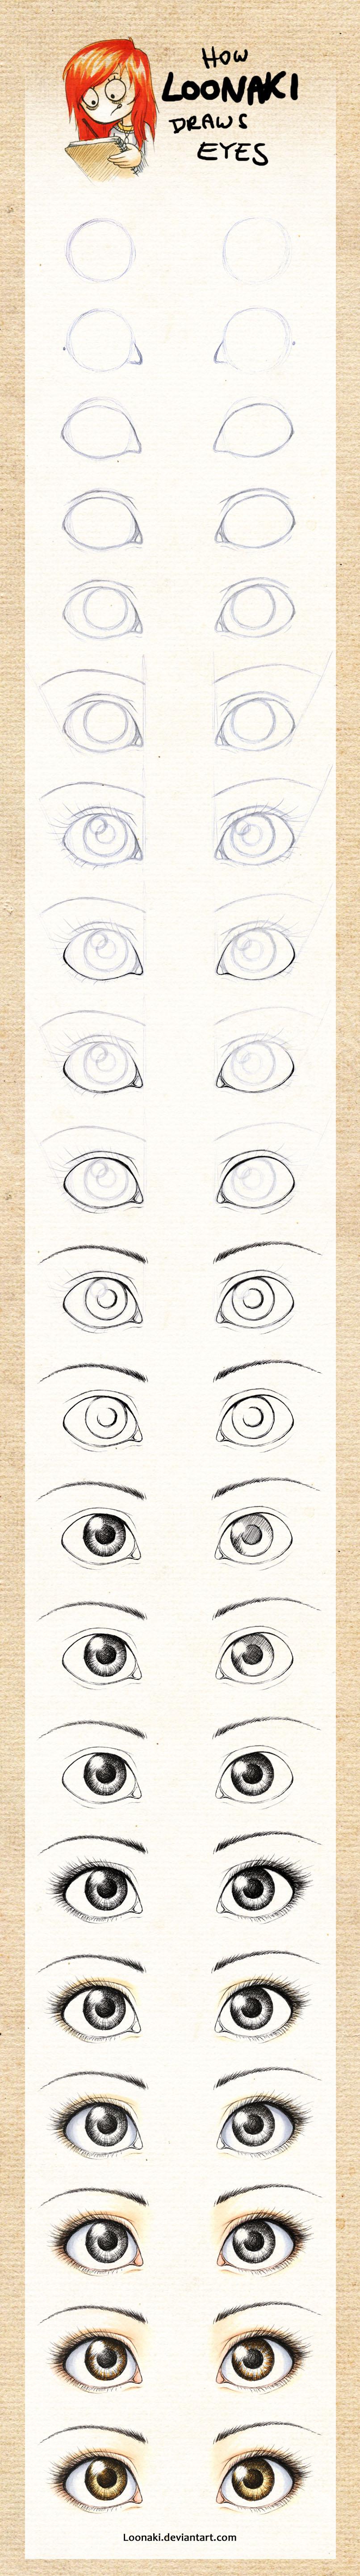 Для того, чтобы у куклы или игрушки появилось красивое и запоминающее личико, надо правильно нарисовать глаза...